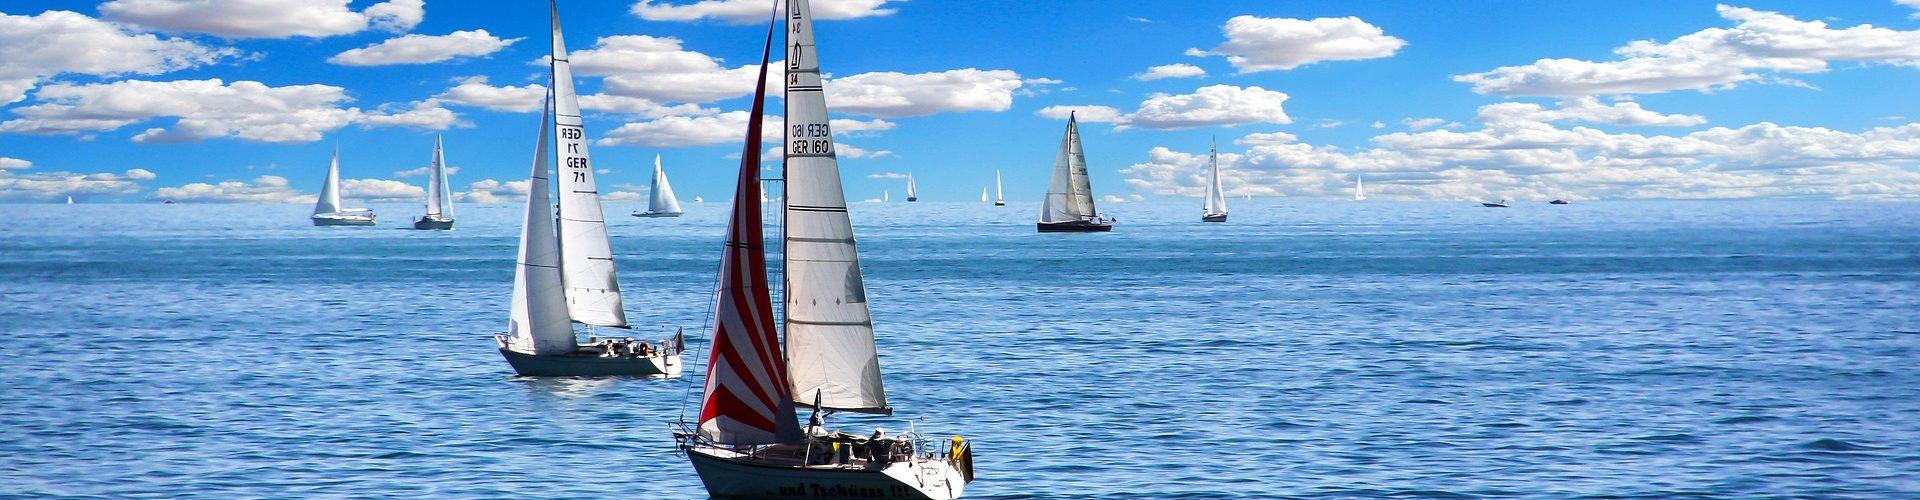 segeln lernen in Unkel segelschein machen in Unkel 1920x500 - Segeln lernen in Unkel